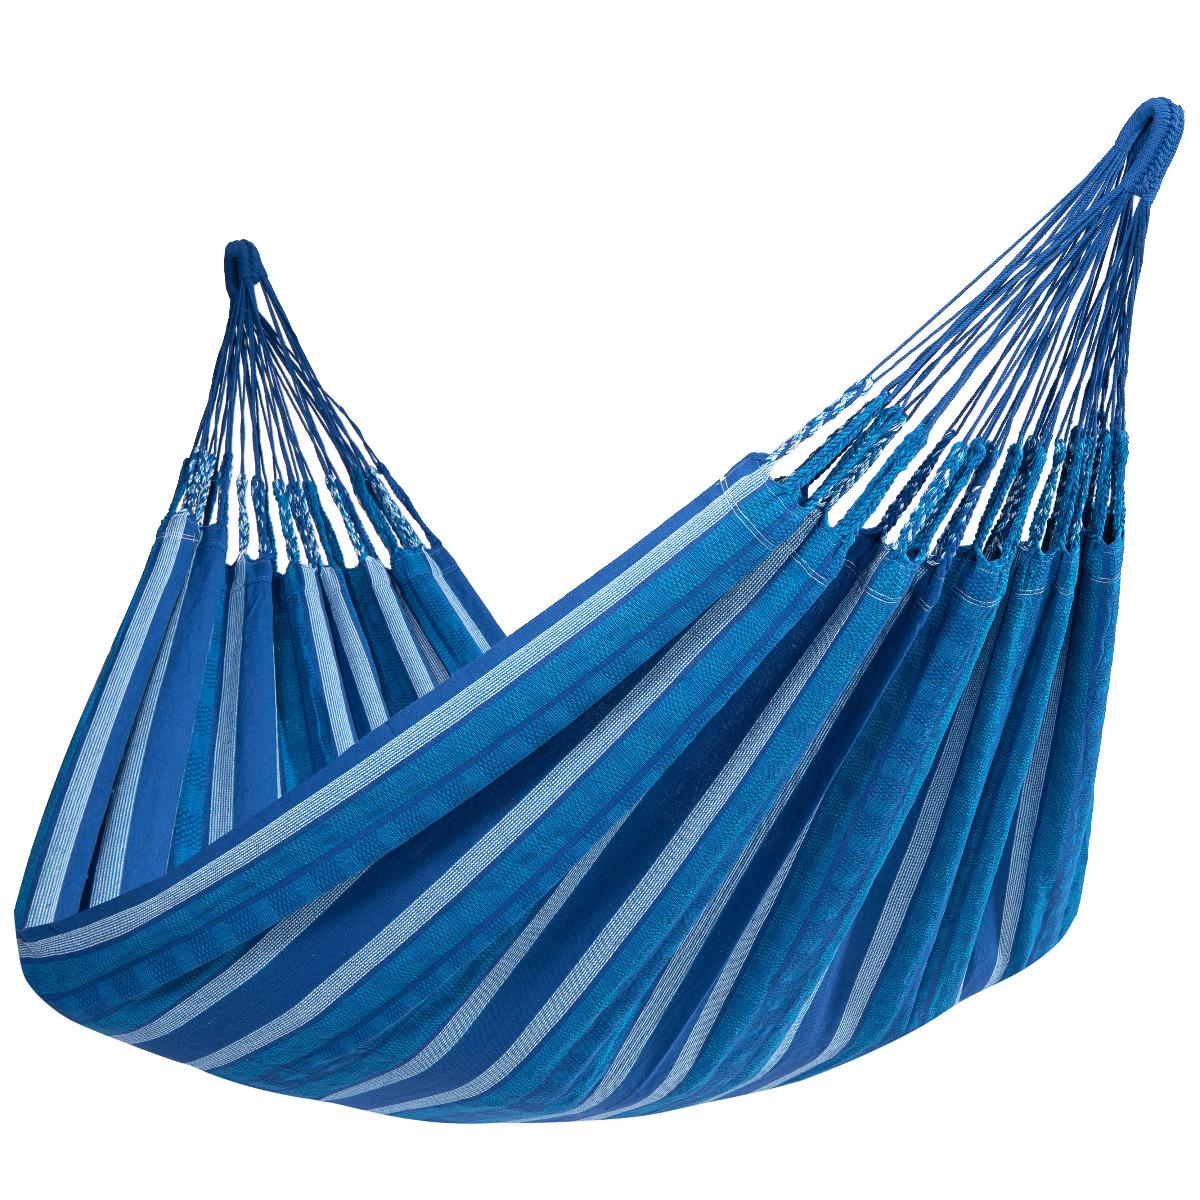 'Chill' Calm Tweepersoons Hangmat - Blauw - Tropilex �